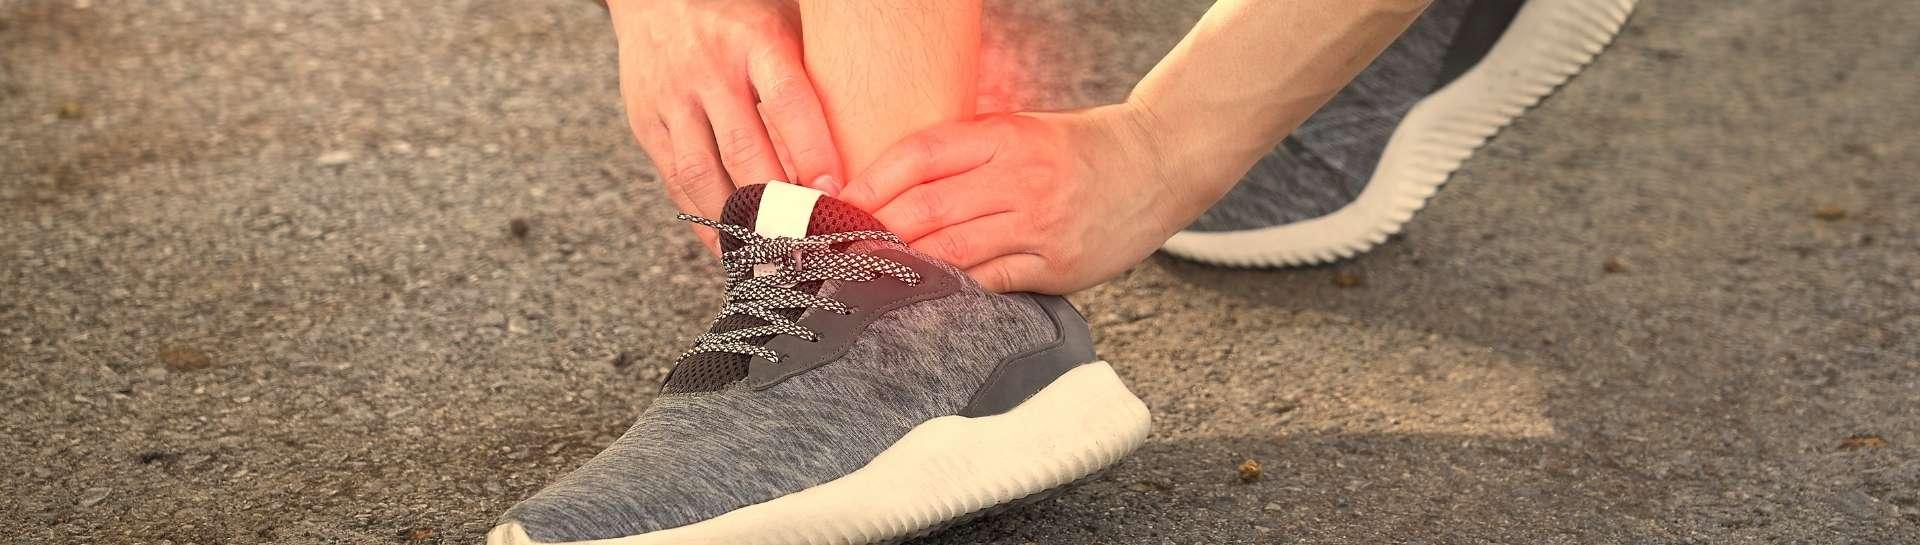 Distorsione della caviglia: come valutarla e come affrontarla